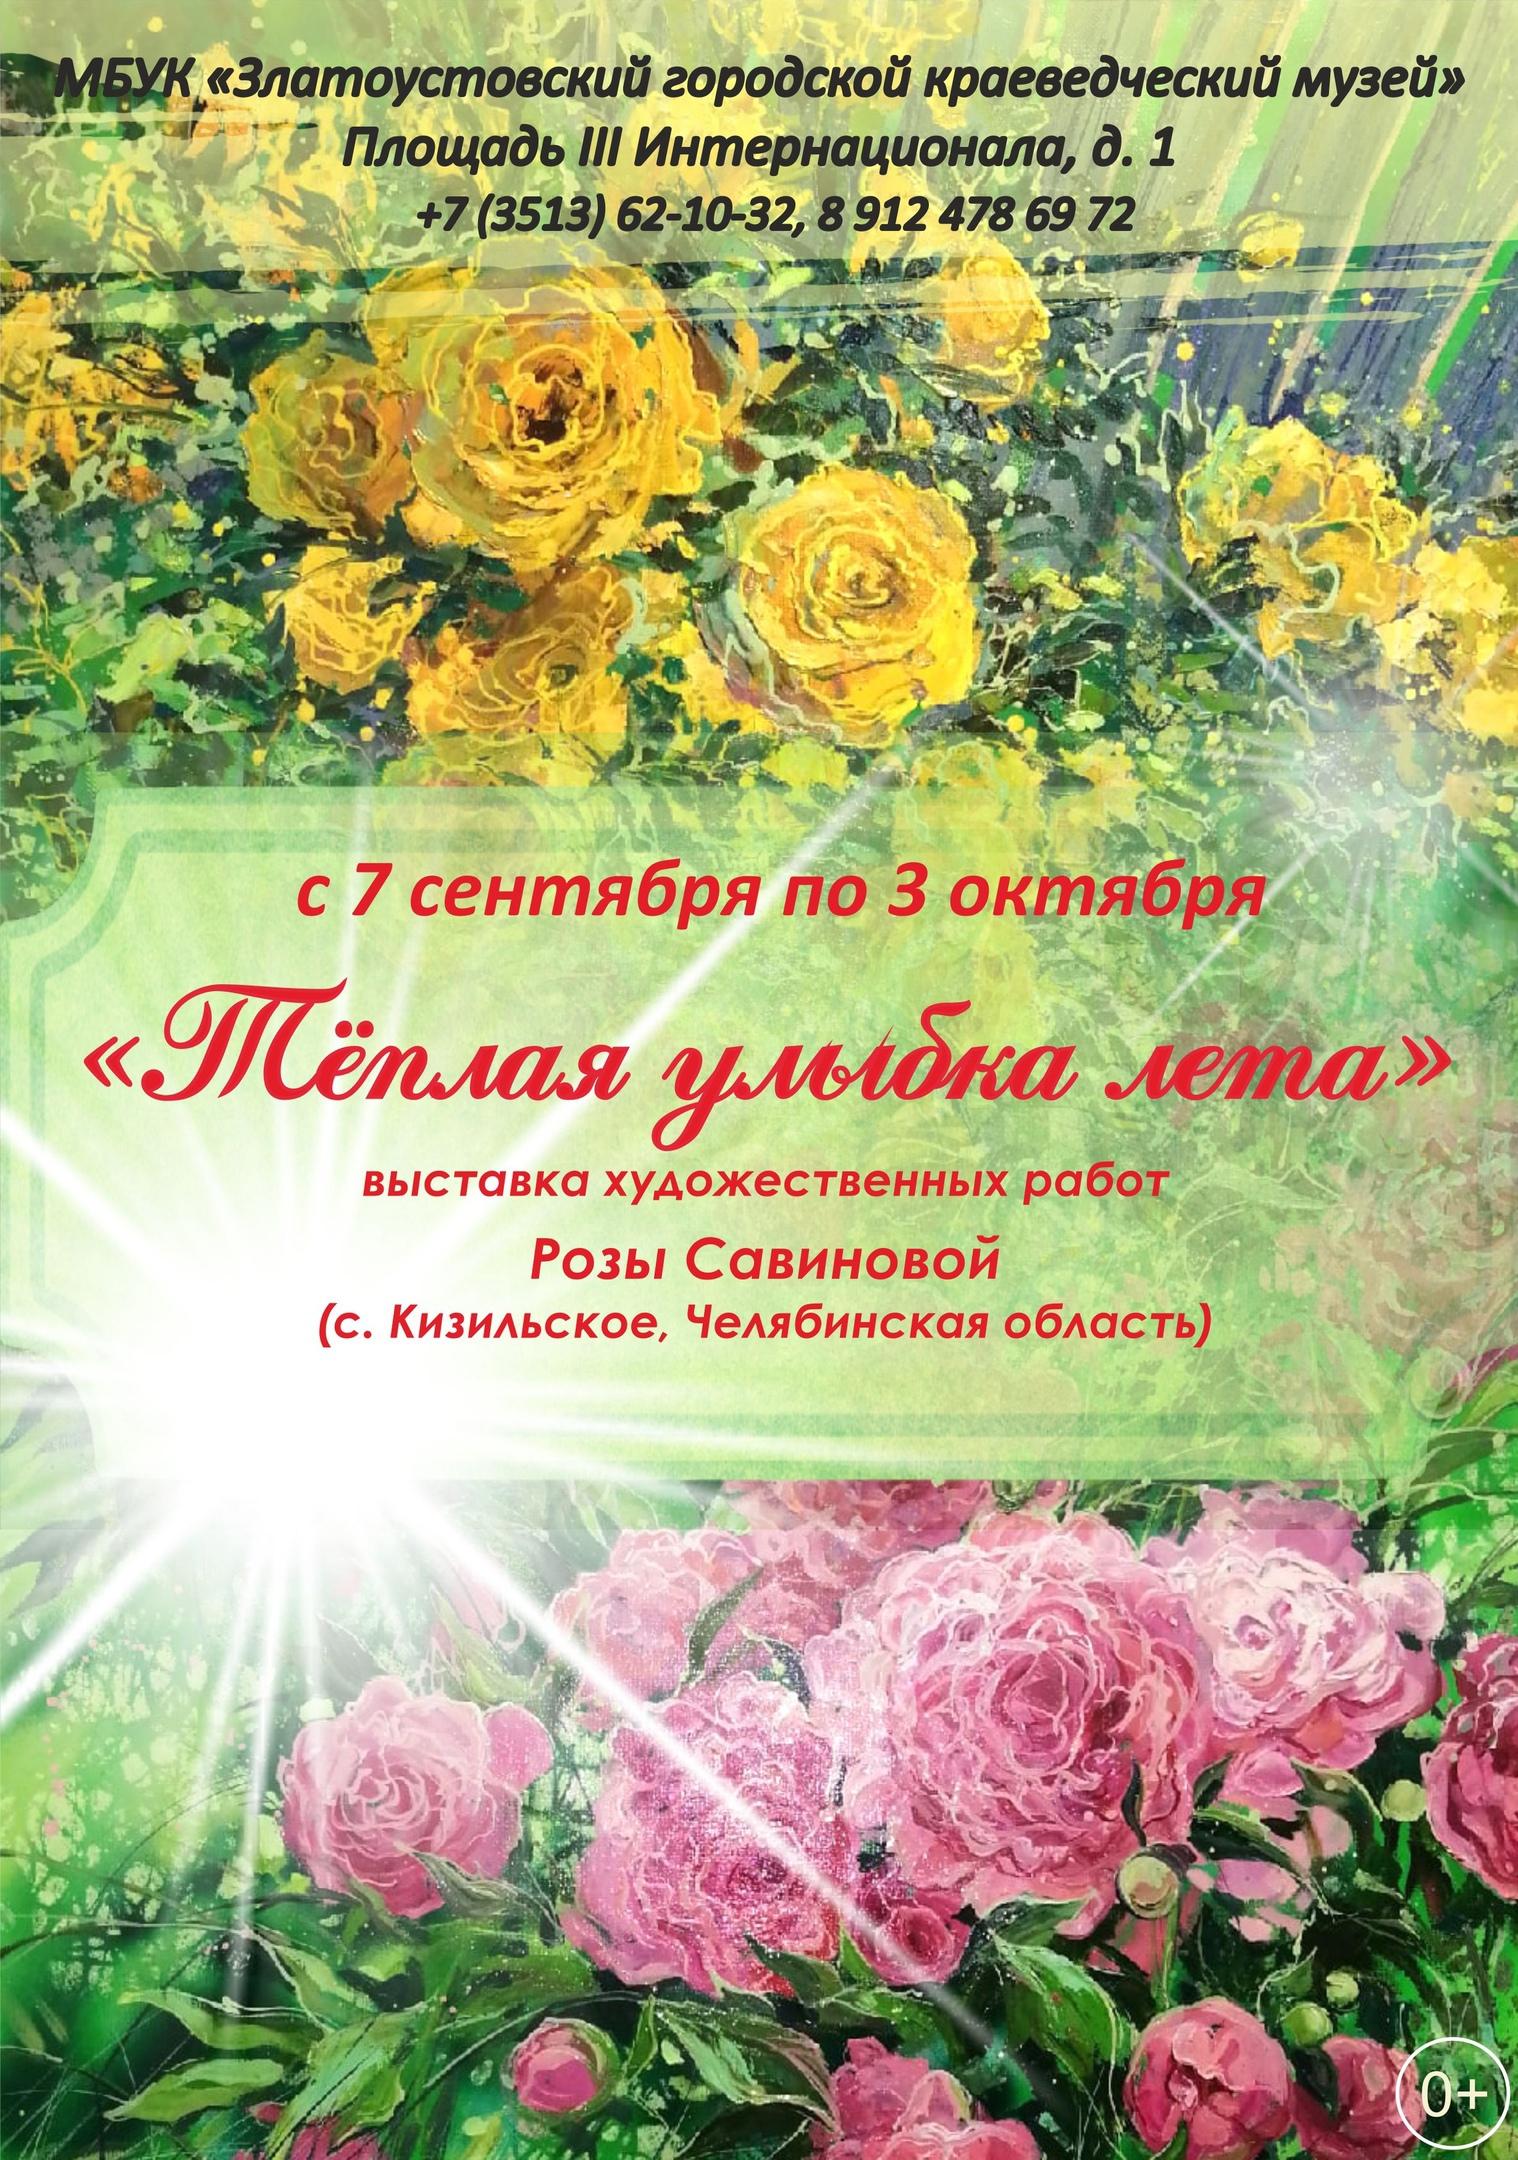 Персональная выставка Розы Савиновой «Теплая улыбка лета»